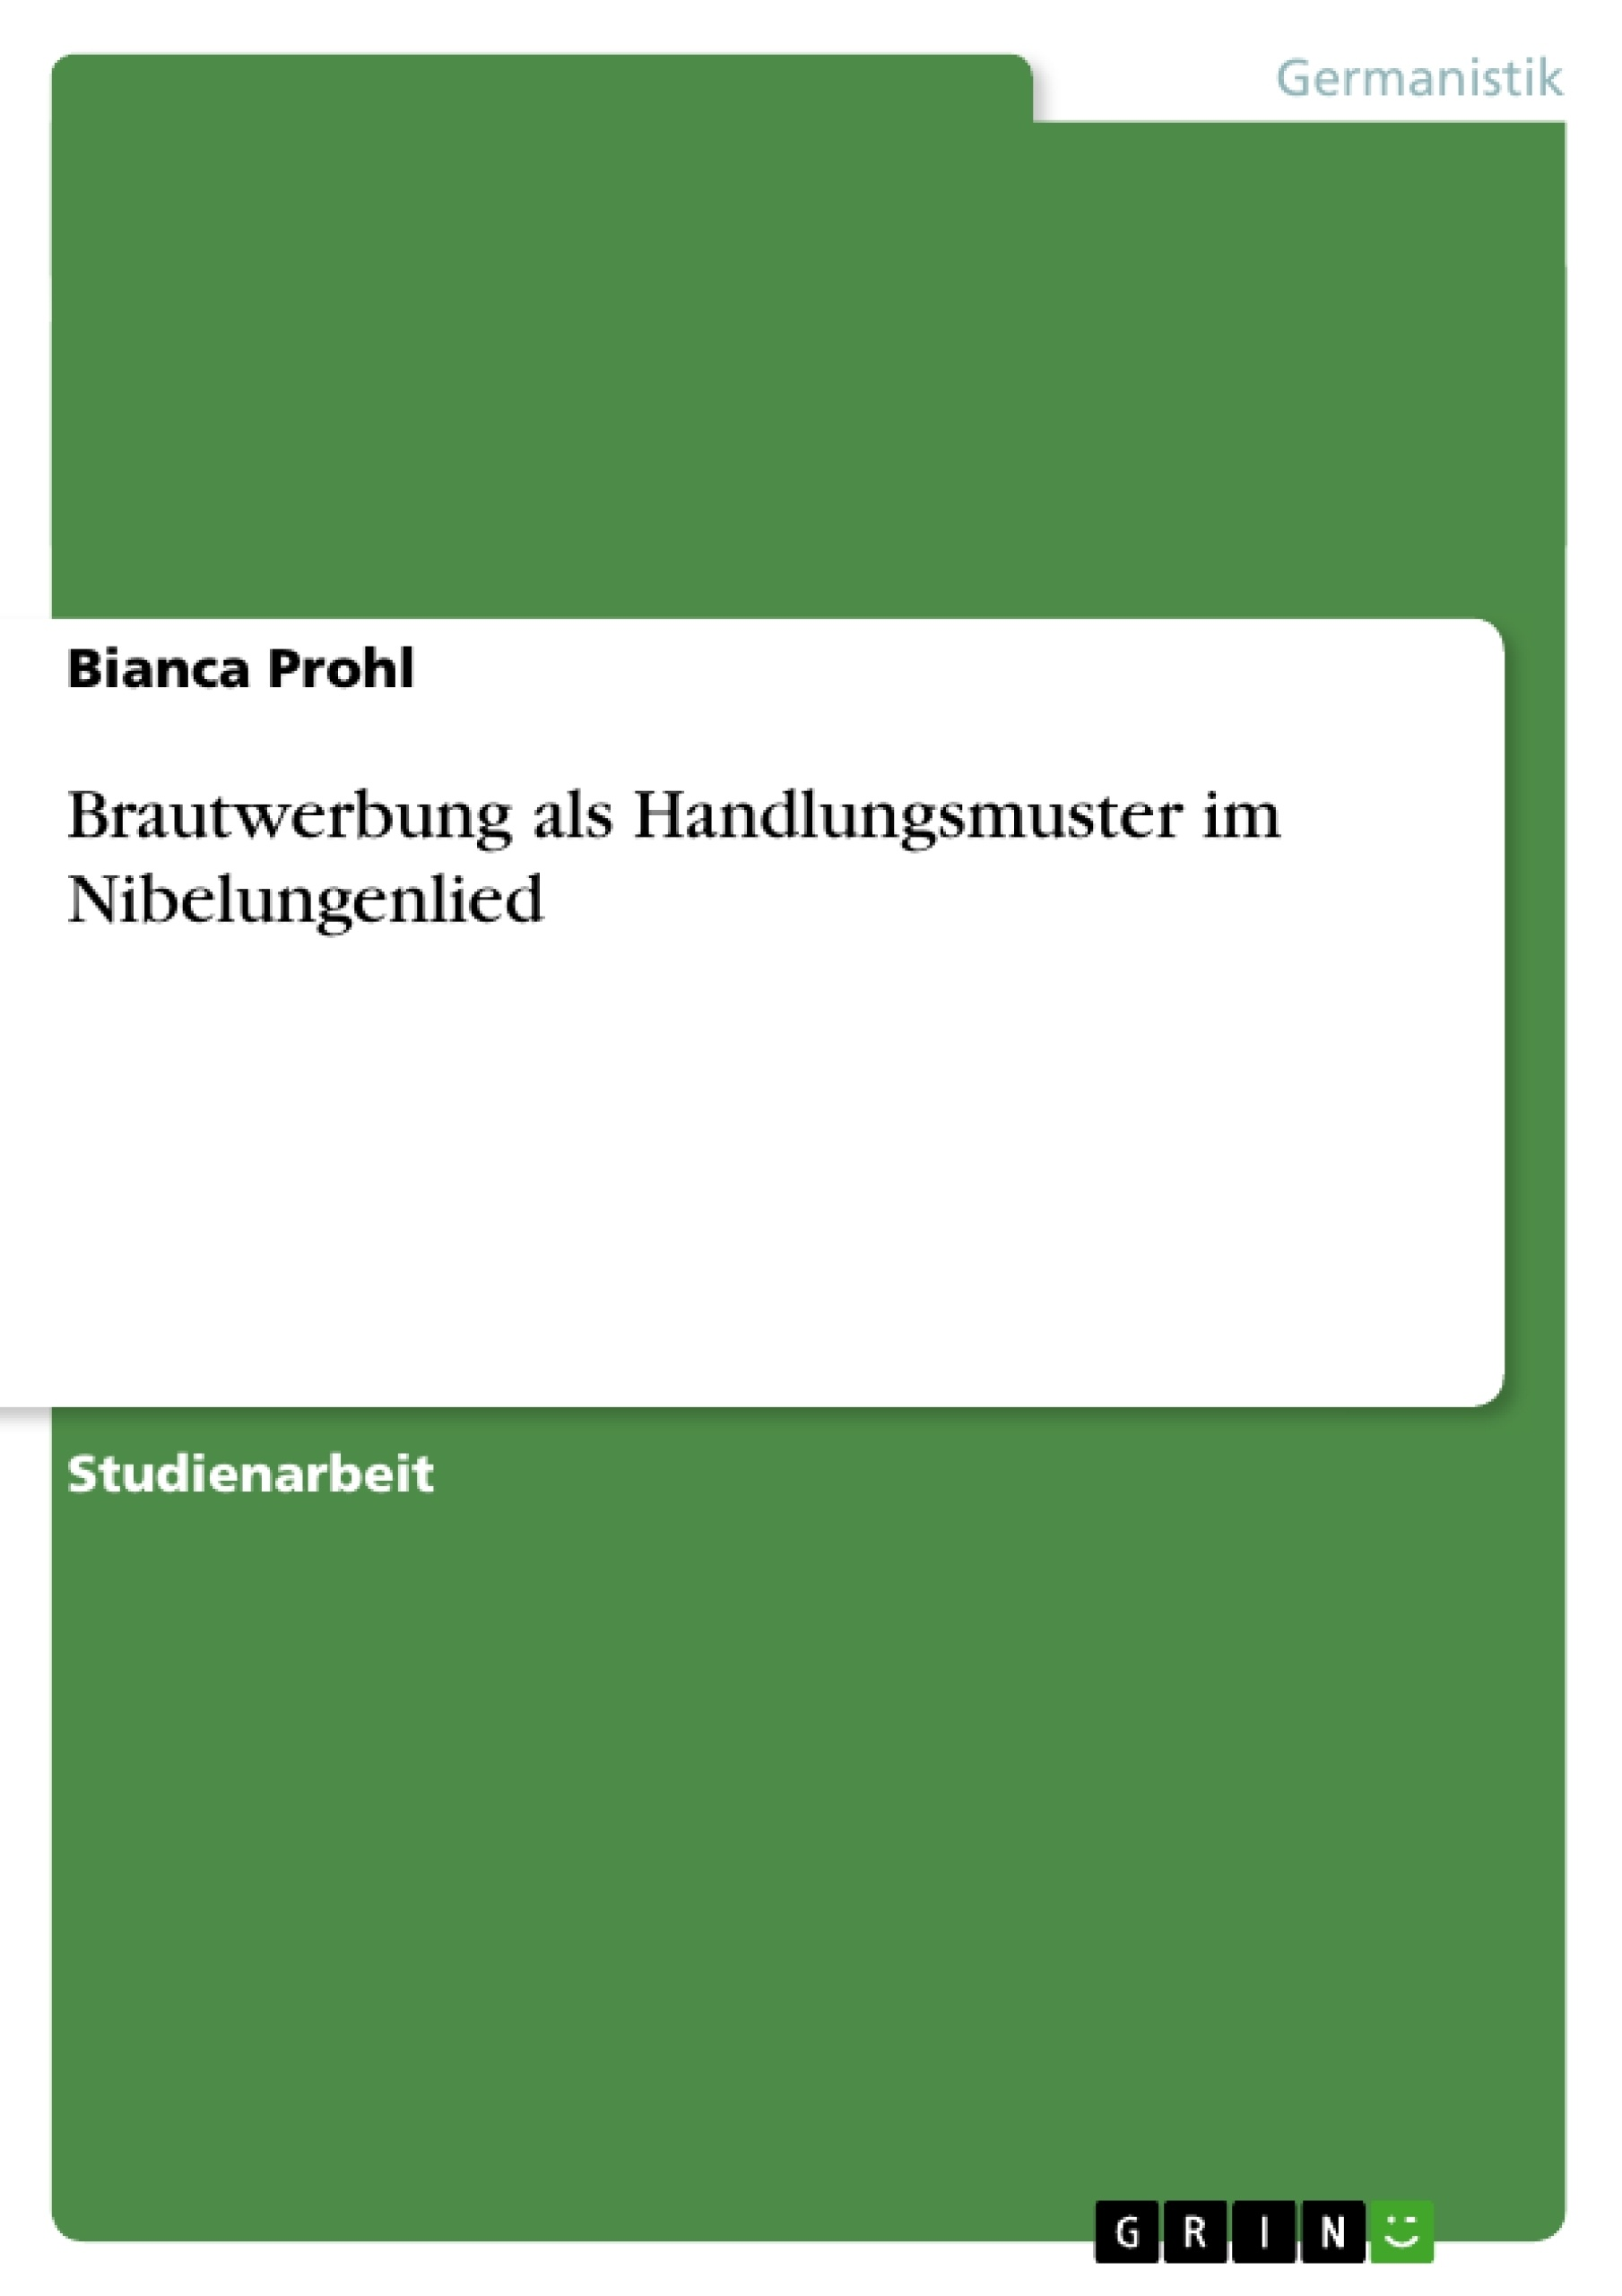 Titel: Brautwerbung als Handlungsmuster im Nibelungenlied